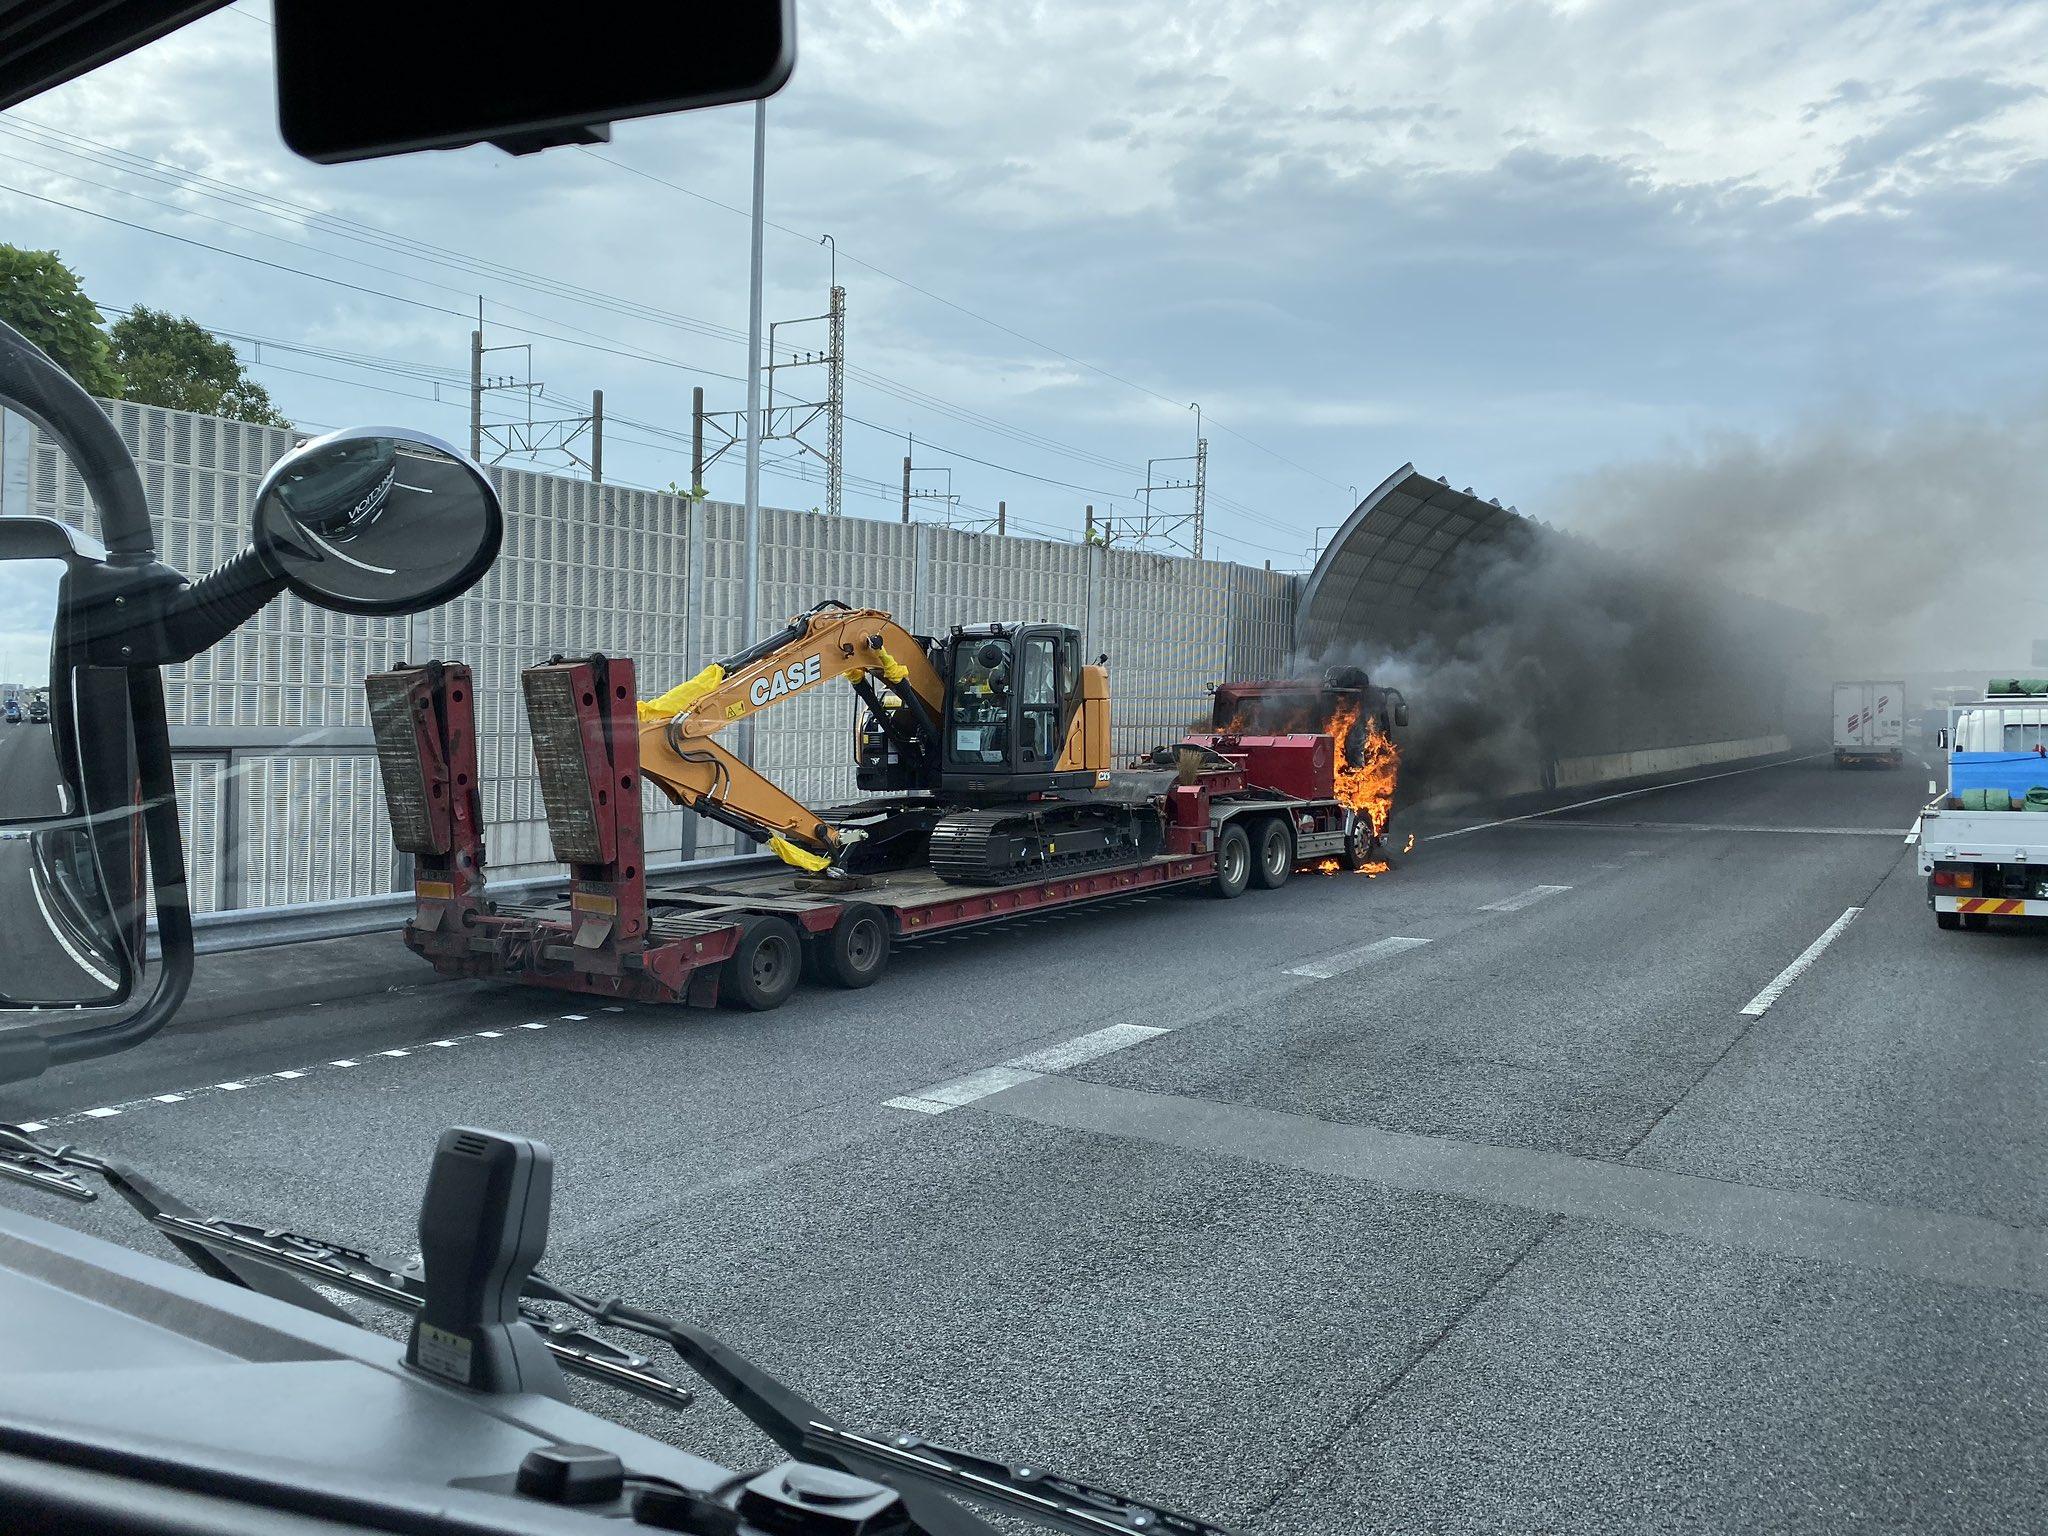 東関道の大型トレーラーの火災の現場画像